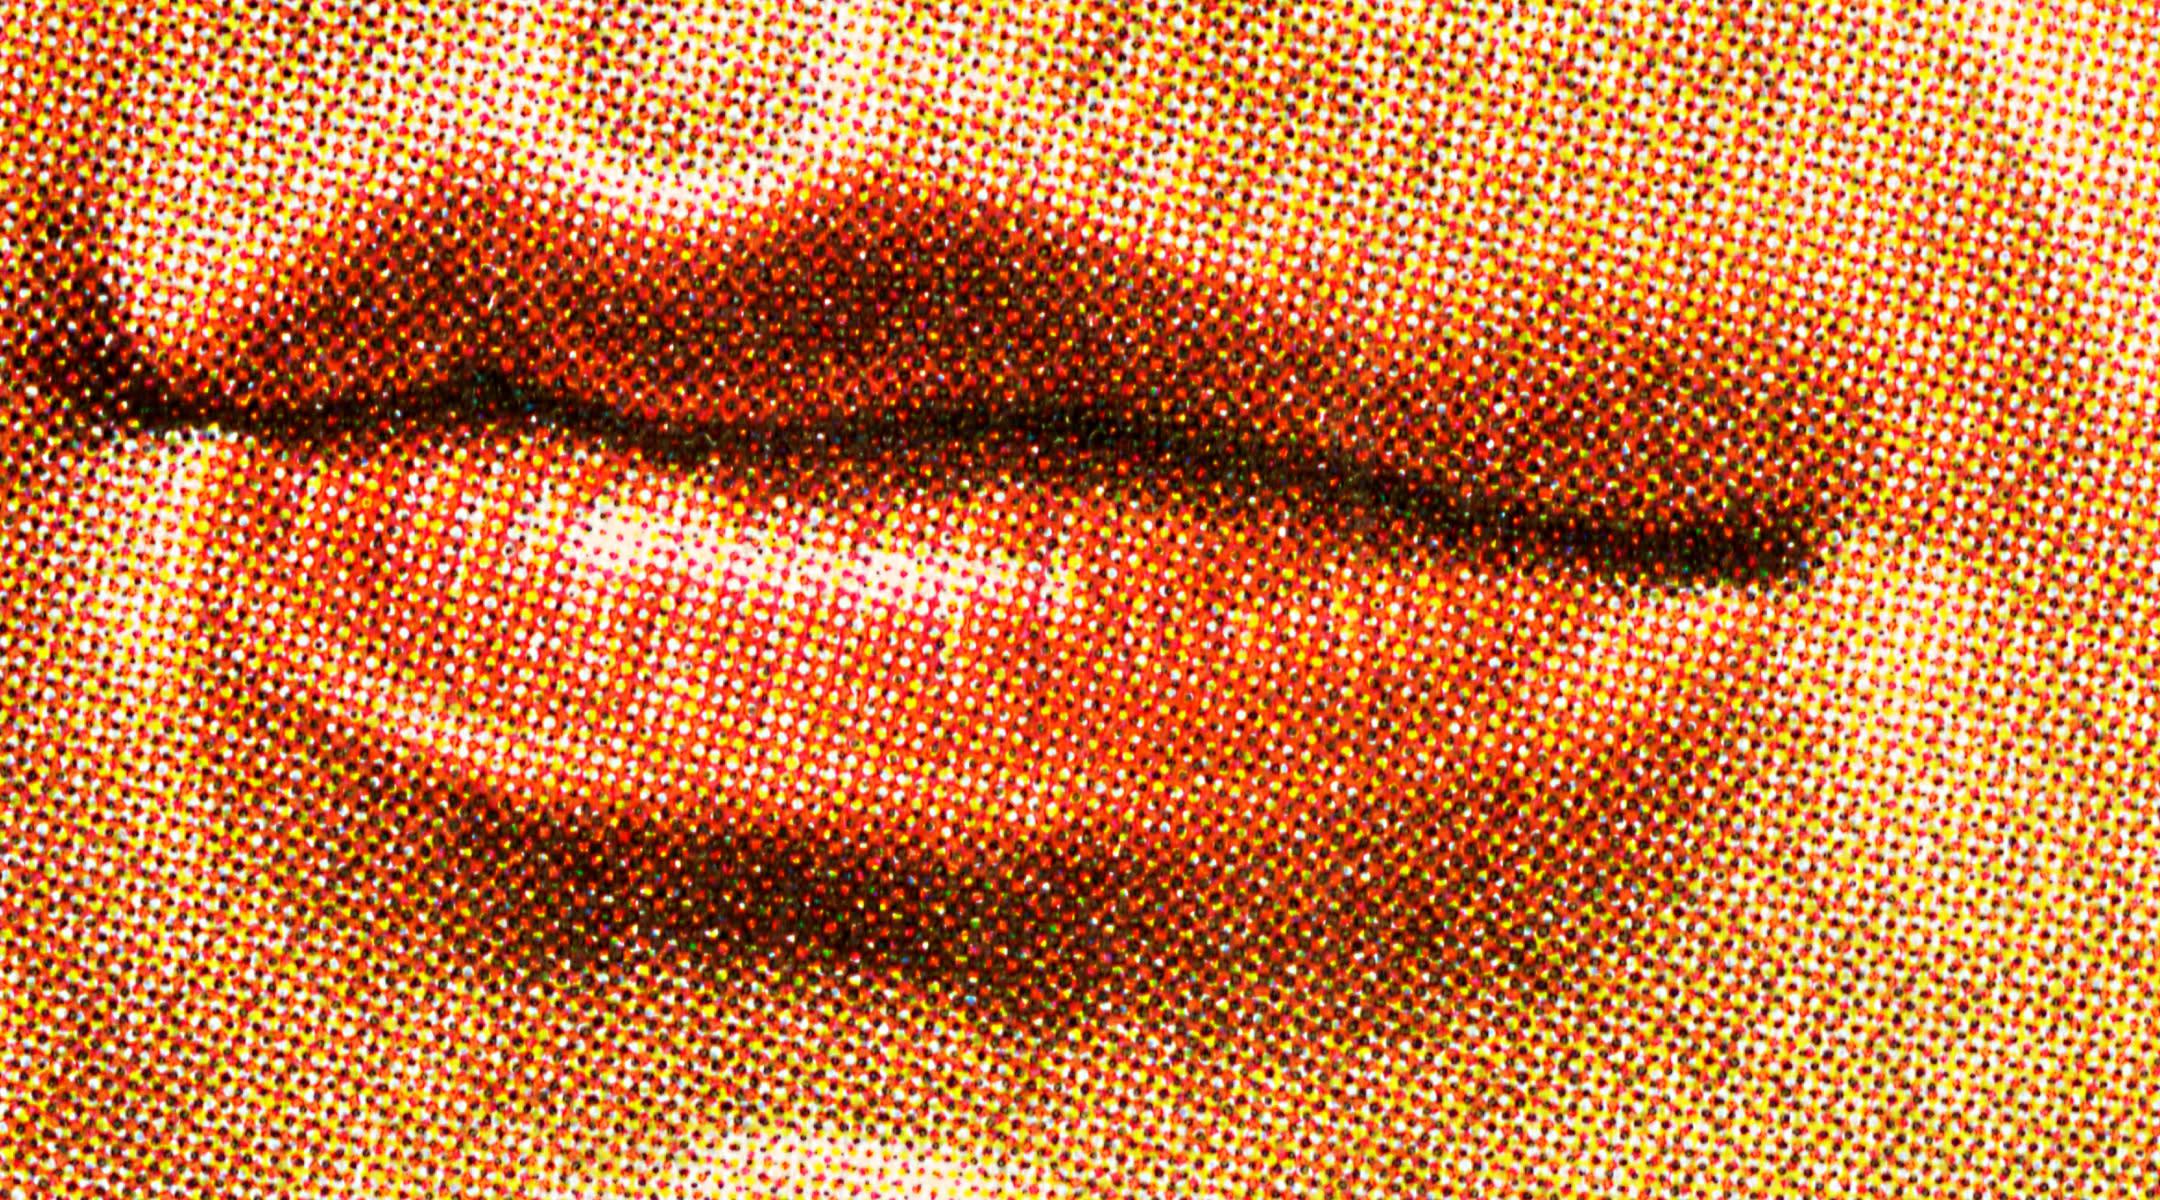 Erotic Pics Big dildo thumbs